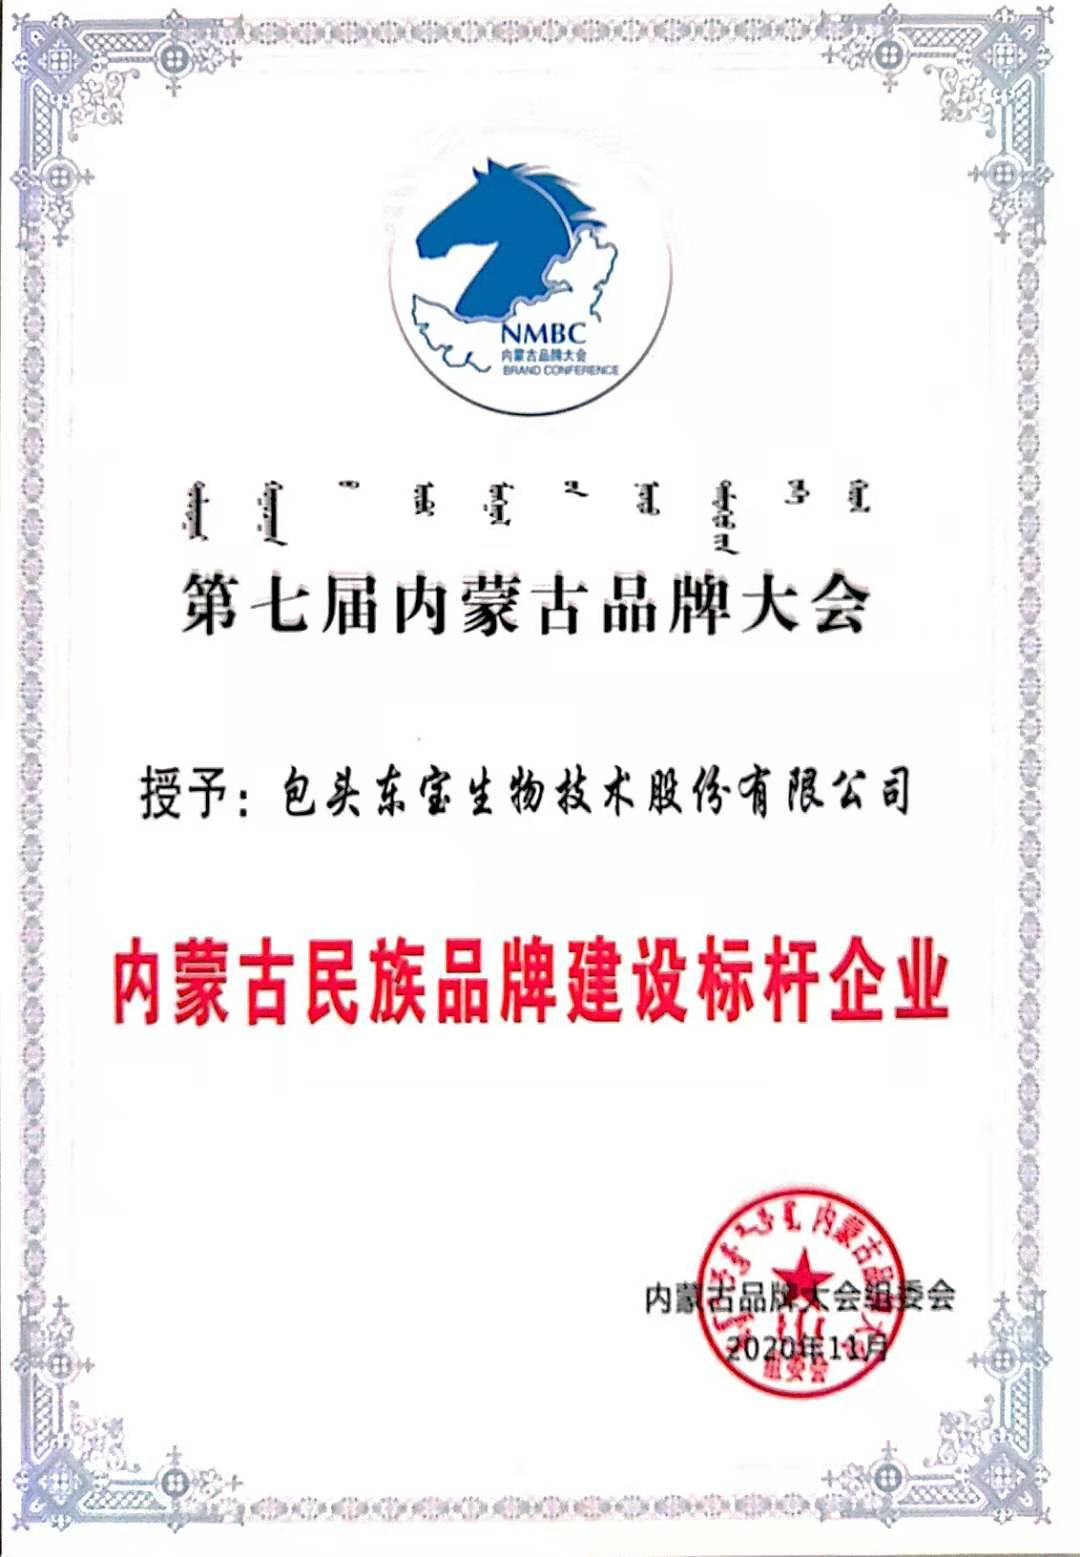 内蒙古民族品牌建设标杆企业